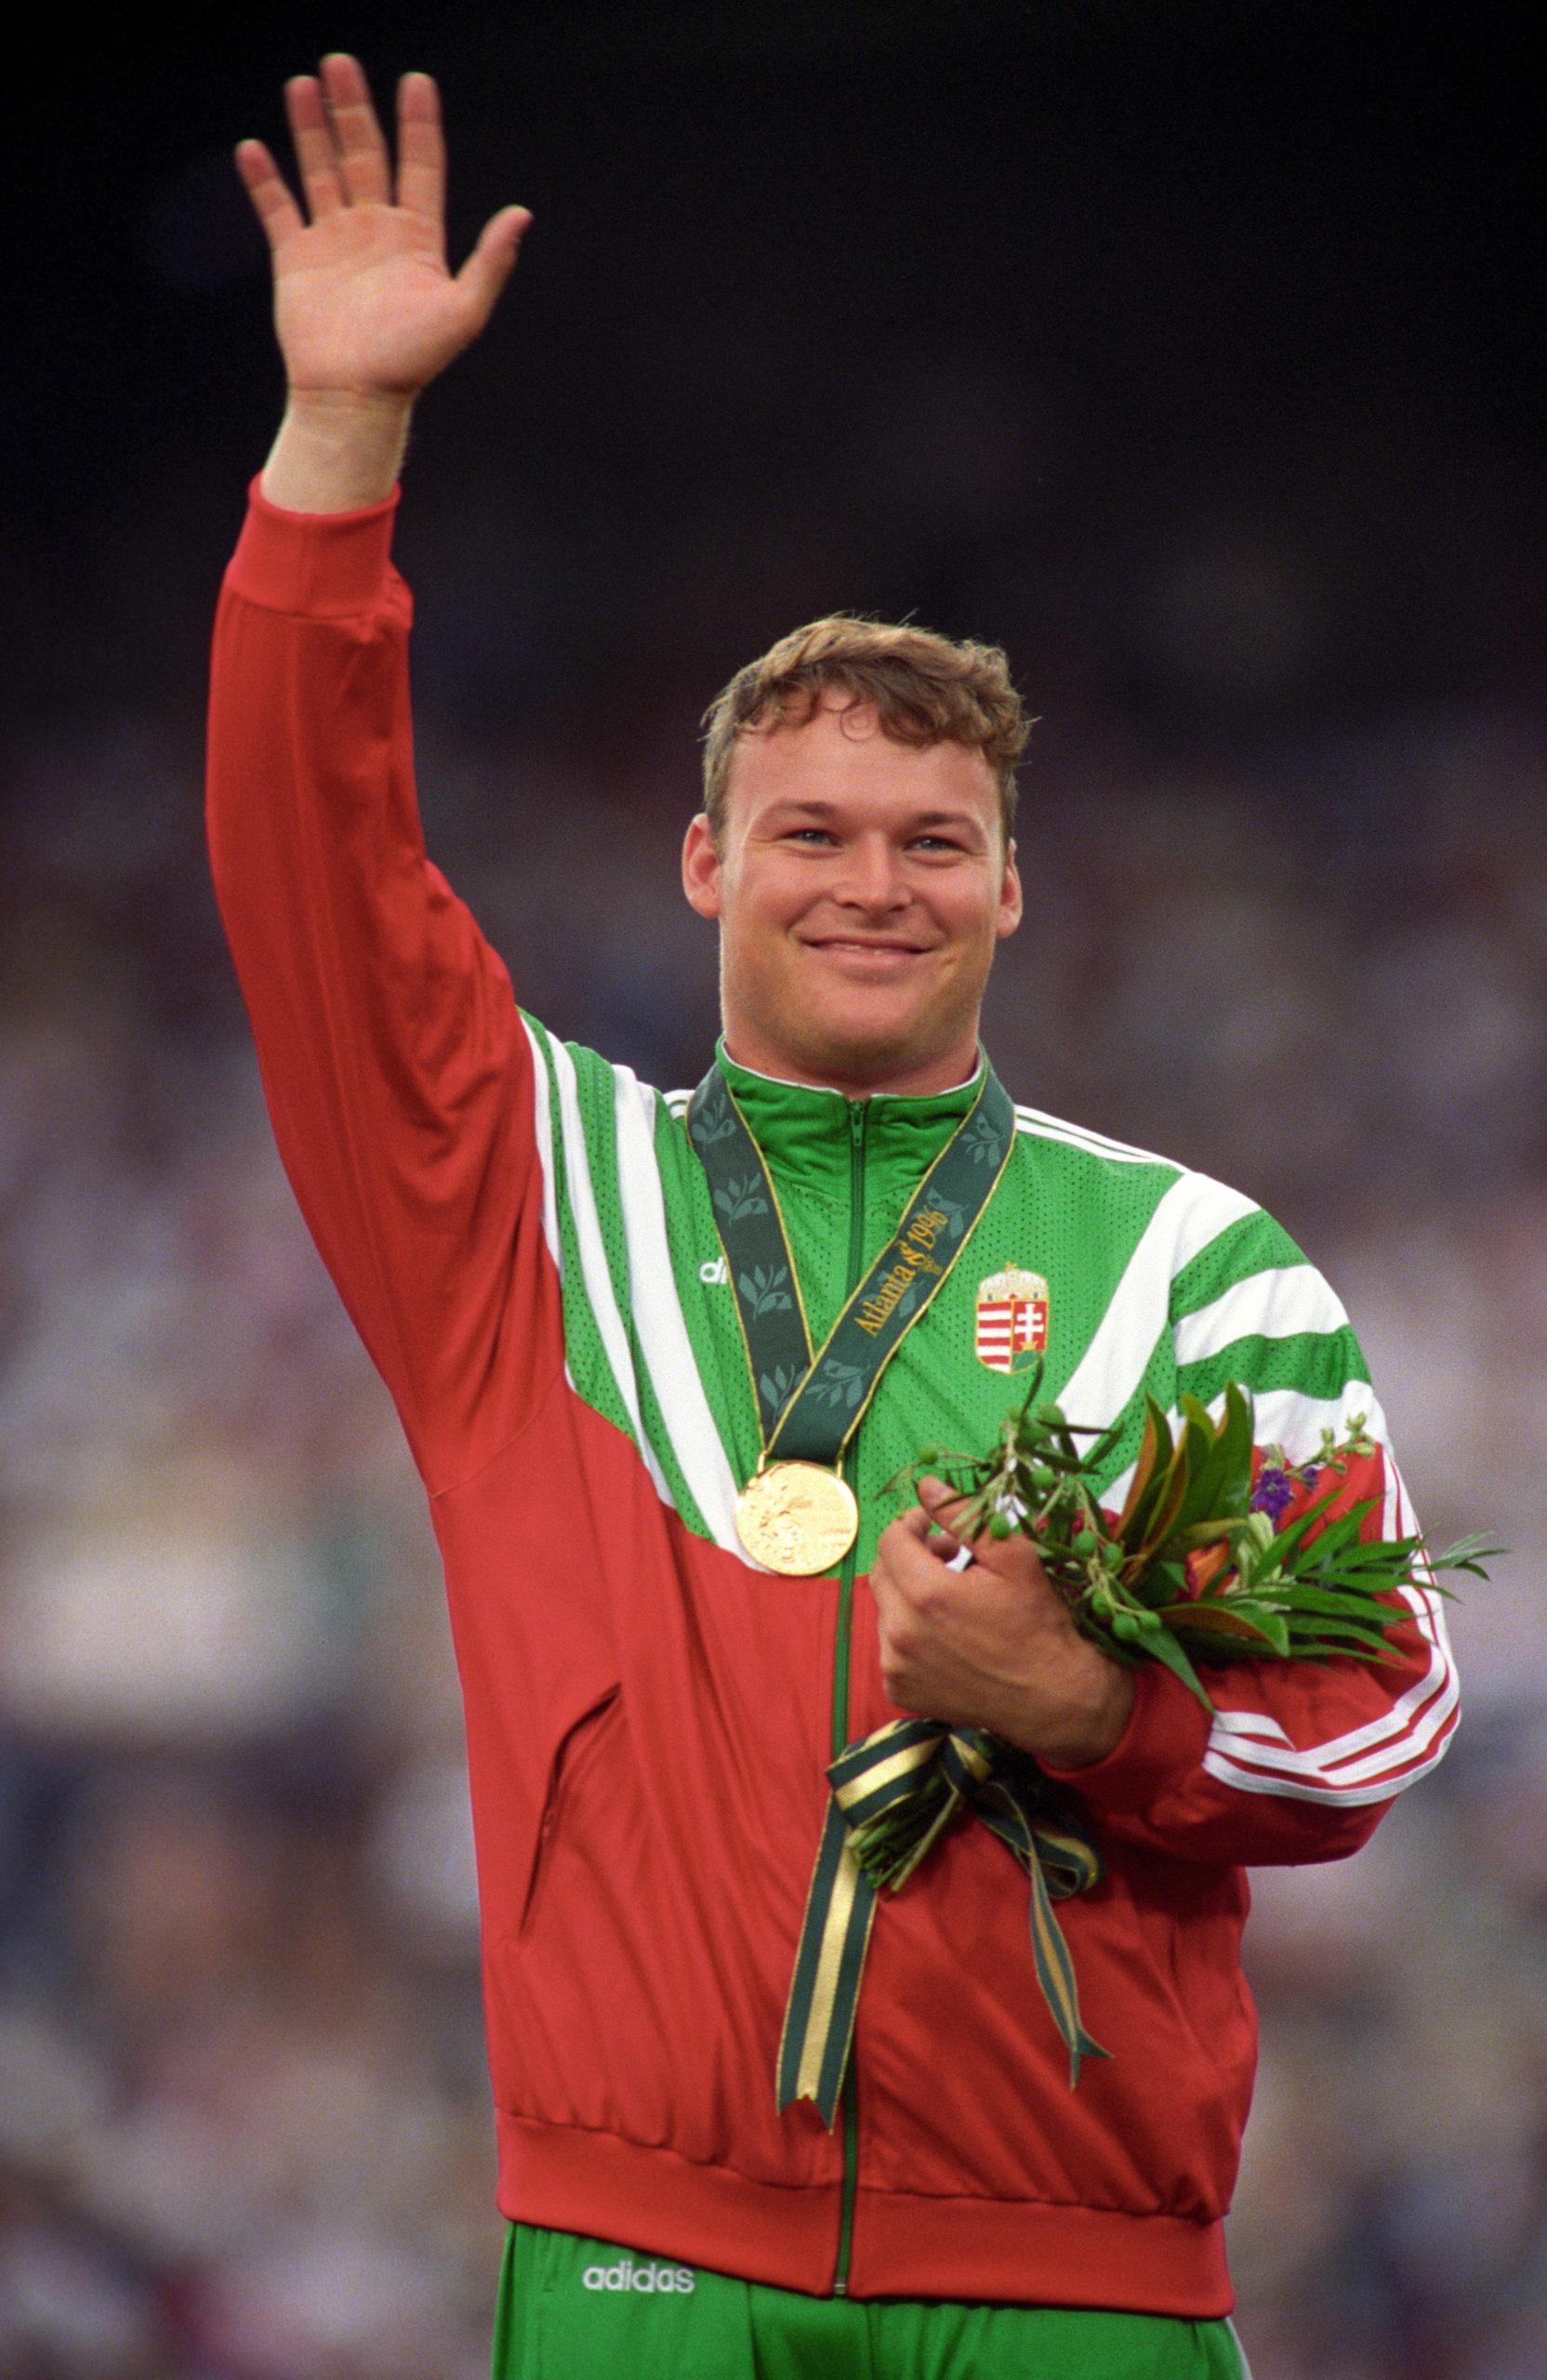 1996-ban kalapácsvetésben magyar aranyérem született. Kinek köszönhetően csendült fel a Himnusz?